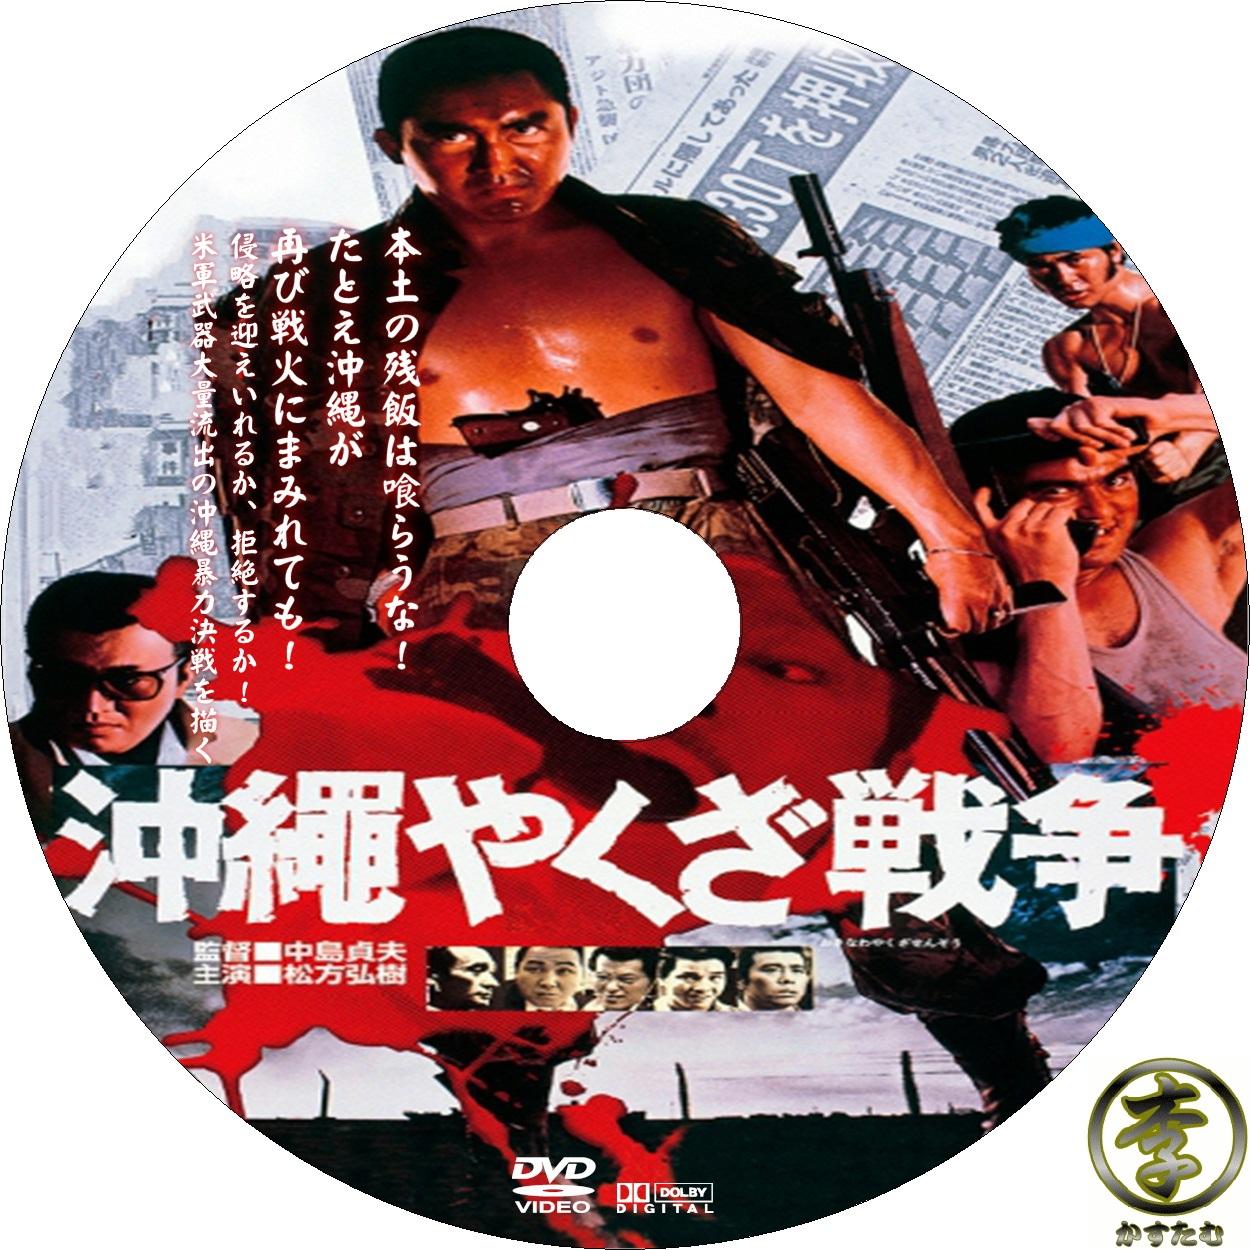 沖縄やくざ戦争 - クレイジー李